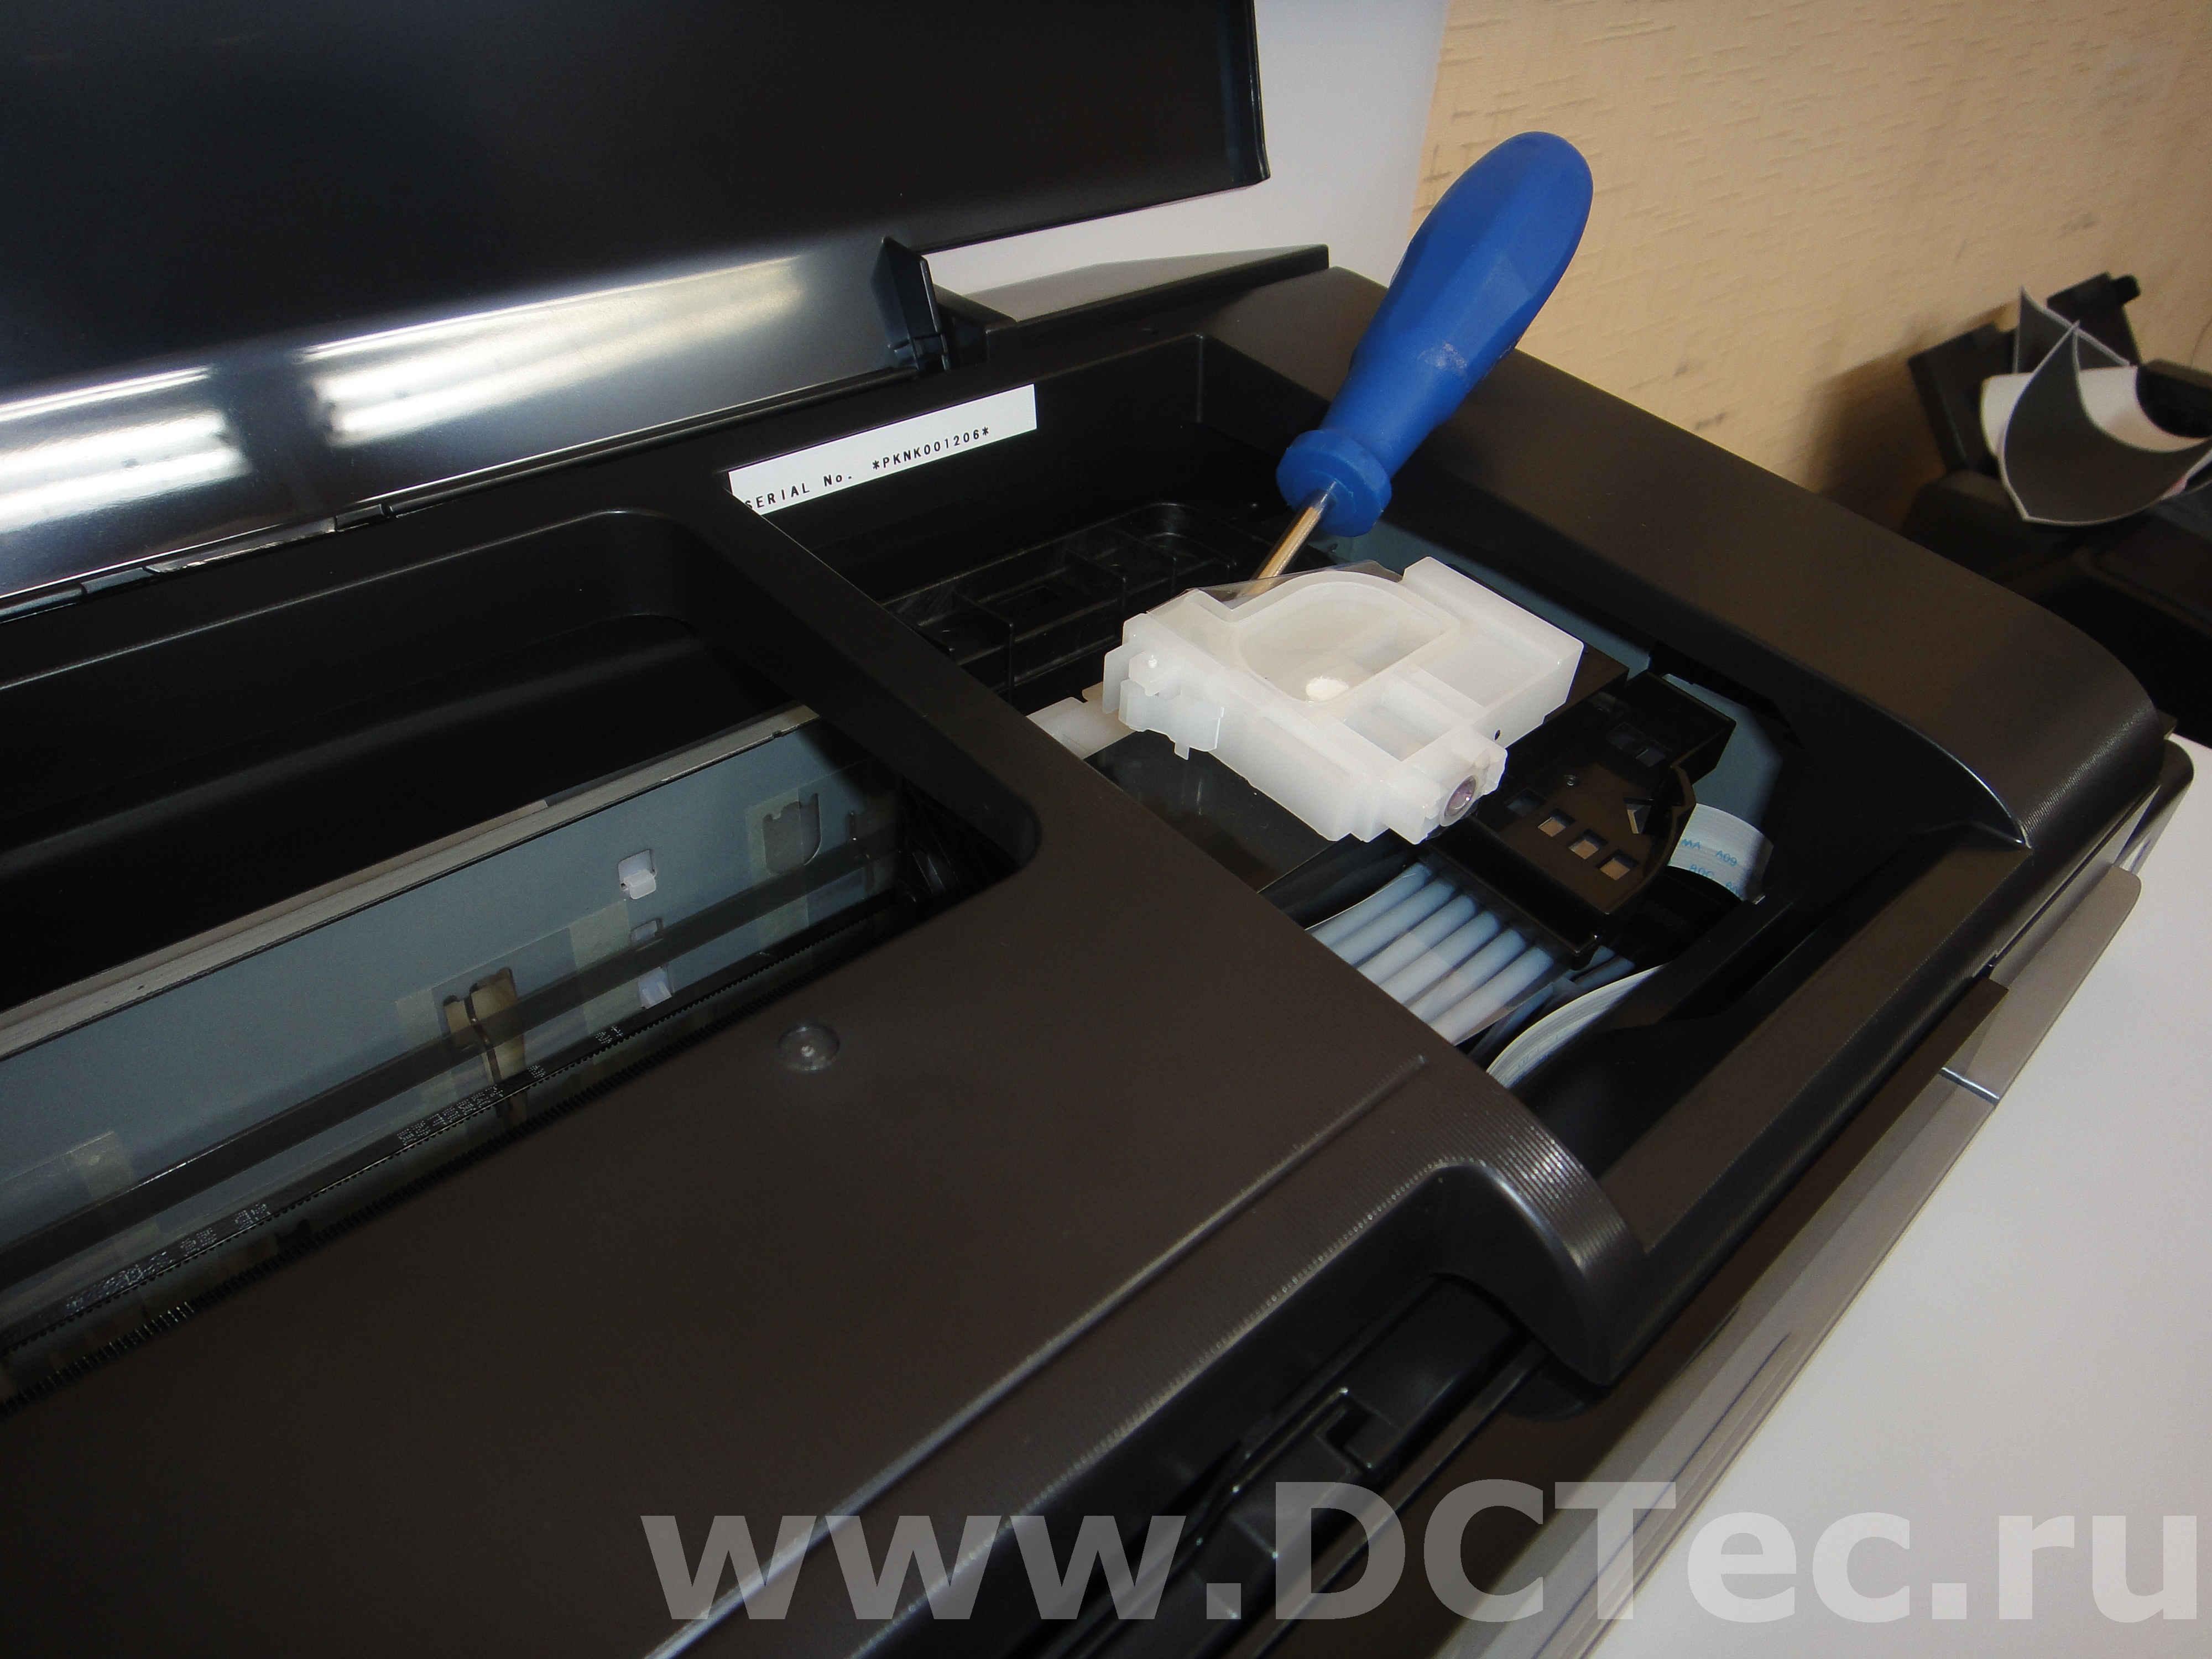 как прочистить принтер засохла краска епсон л 100 базе предложений